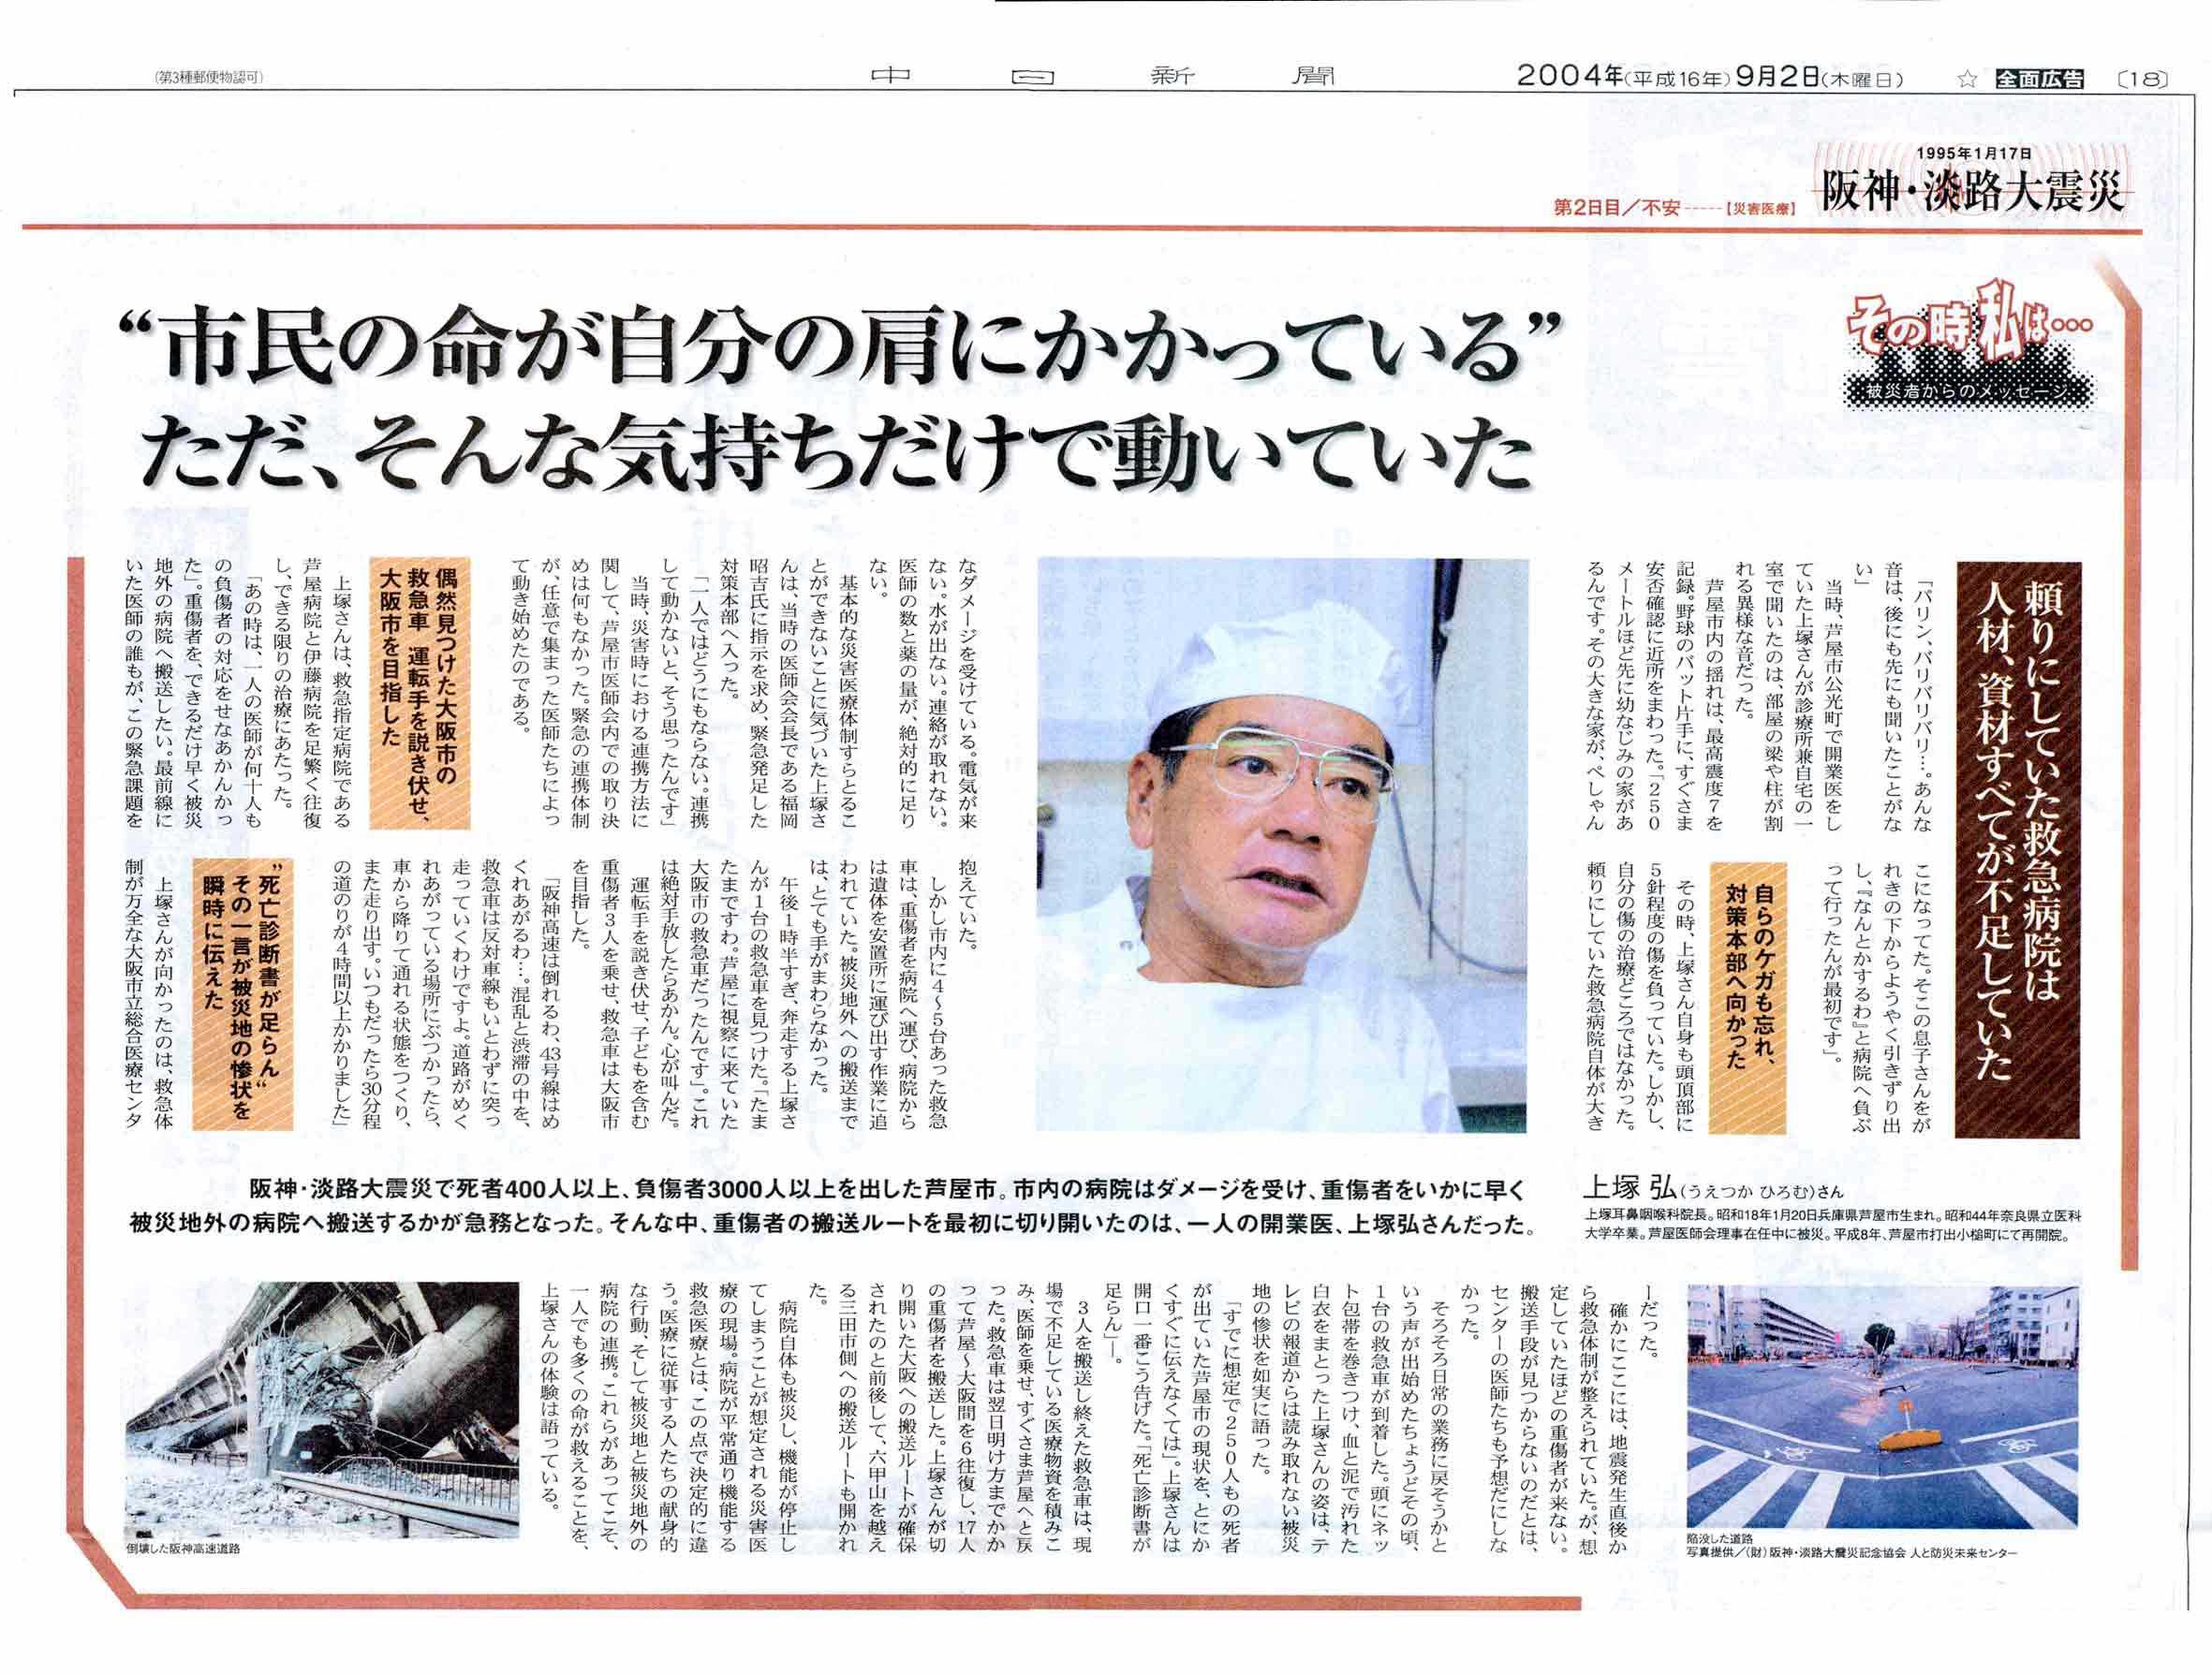 中日新聞 2004年9月2日掲載「その時私は・・・ 被災者からのメッセージ」